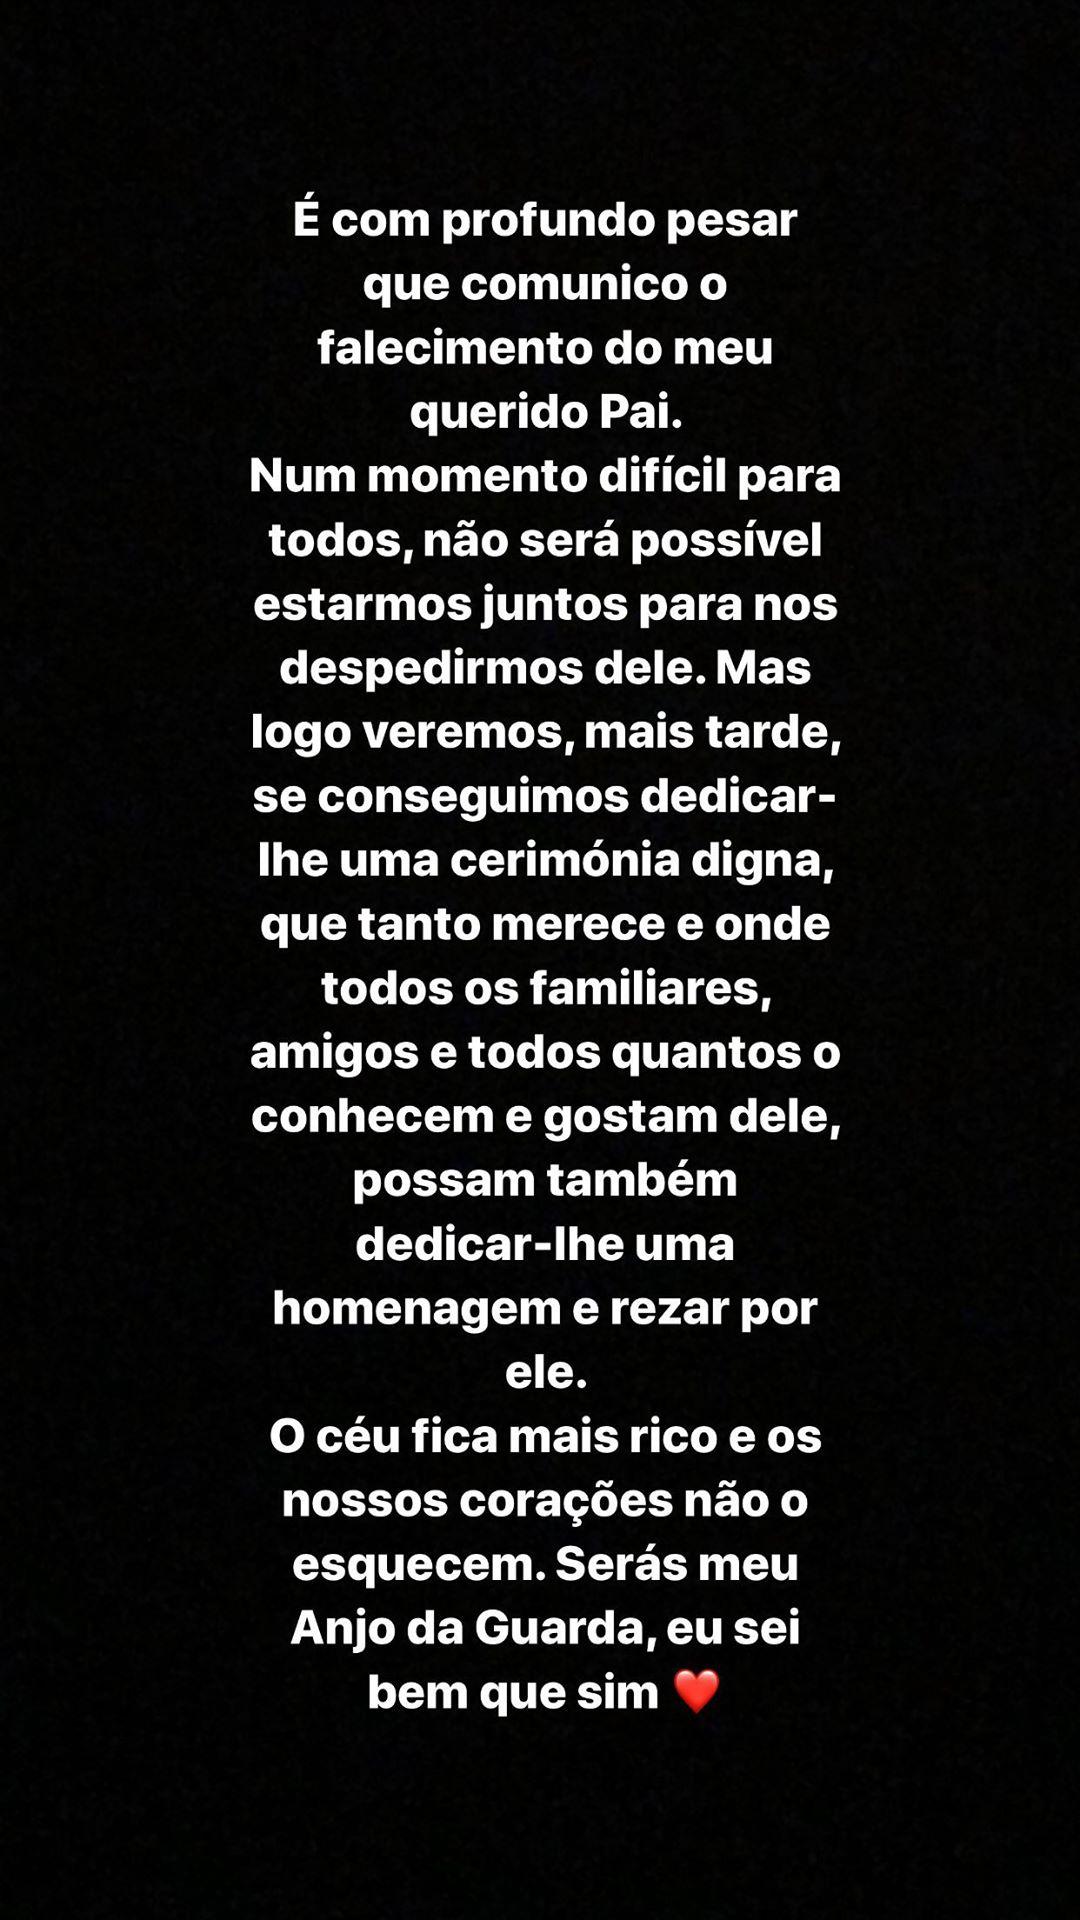 Claudia Jacques Pai Cláudia Jacques Está De Luto: &Quot;O Céu Fica Mais Rico&Quot;